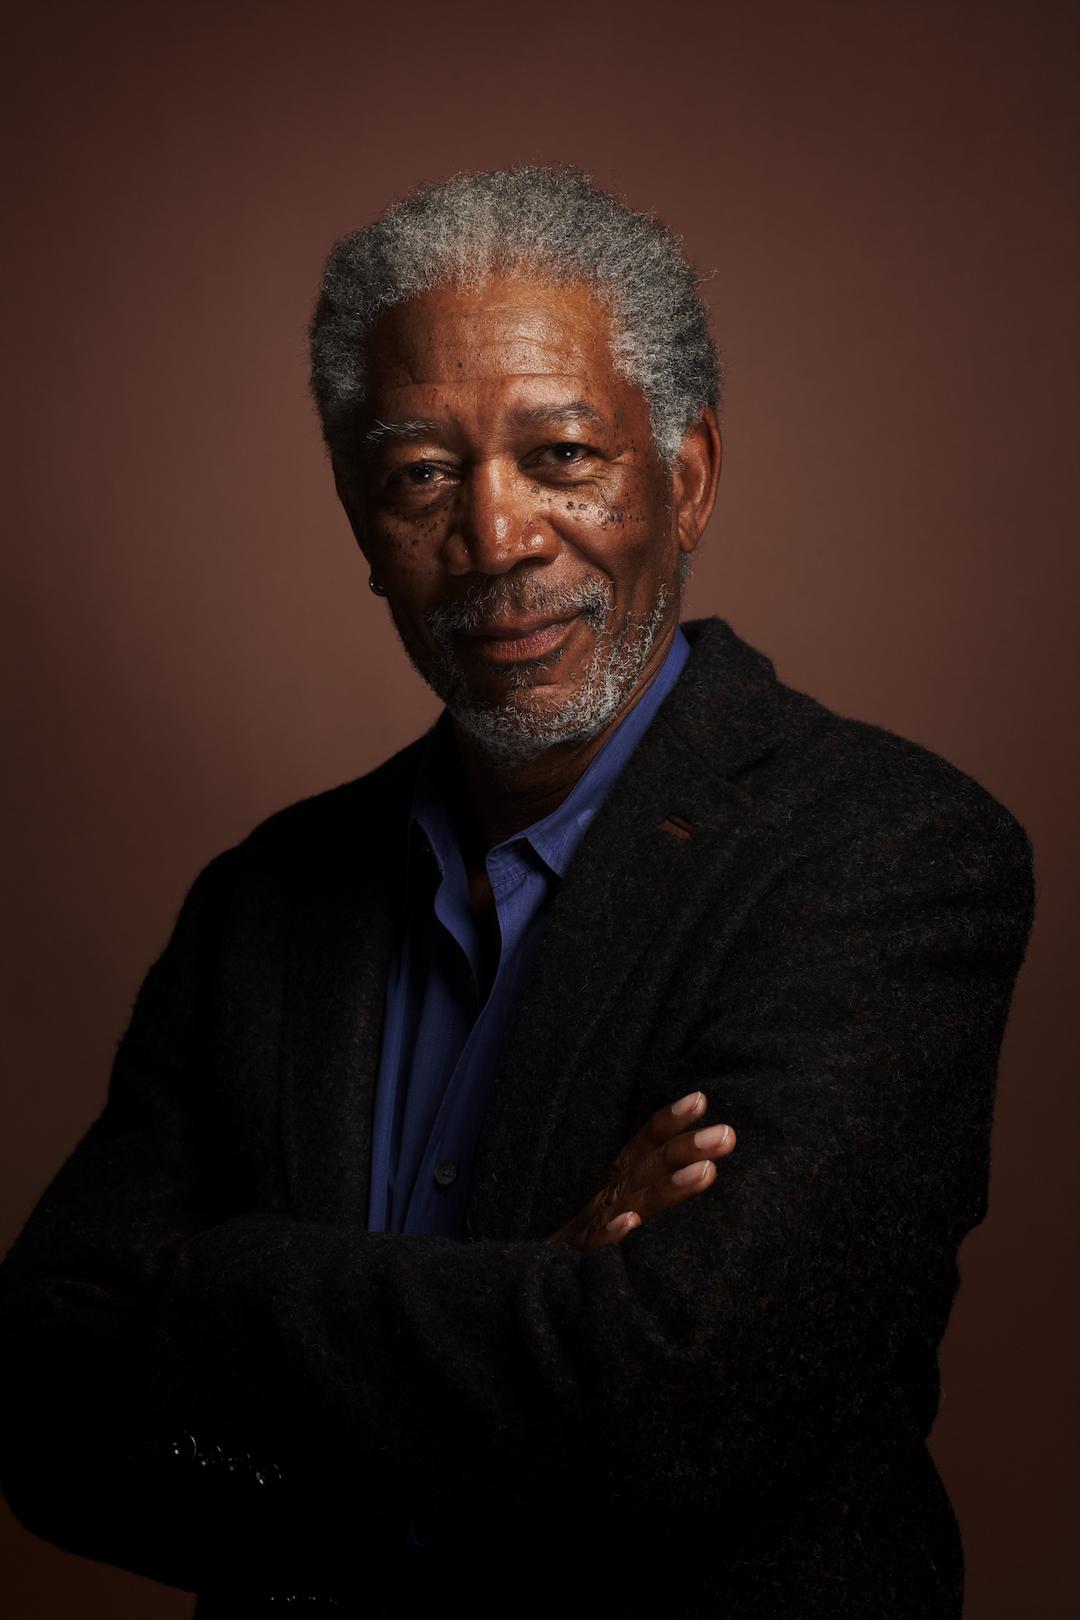 Morgan Freeman 4chion Lifestyle Emmy